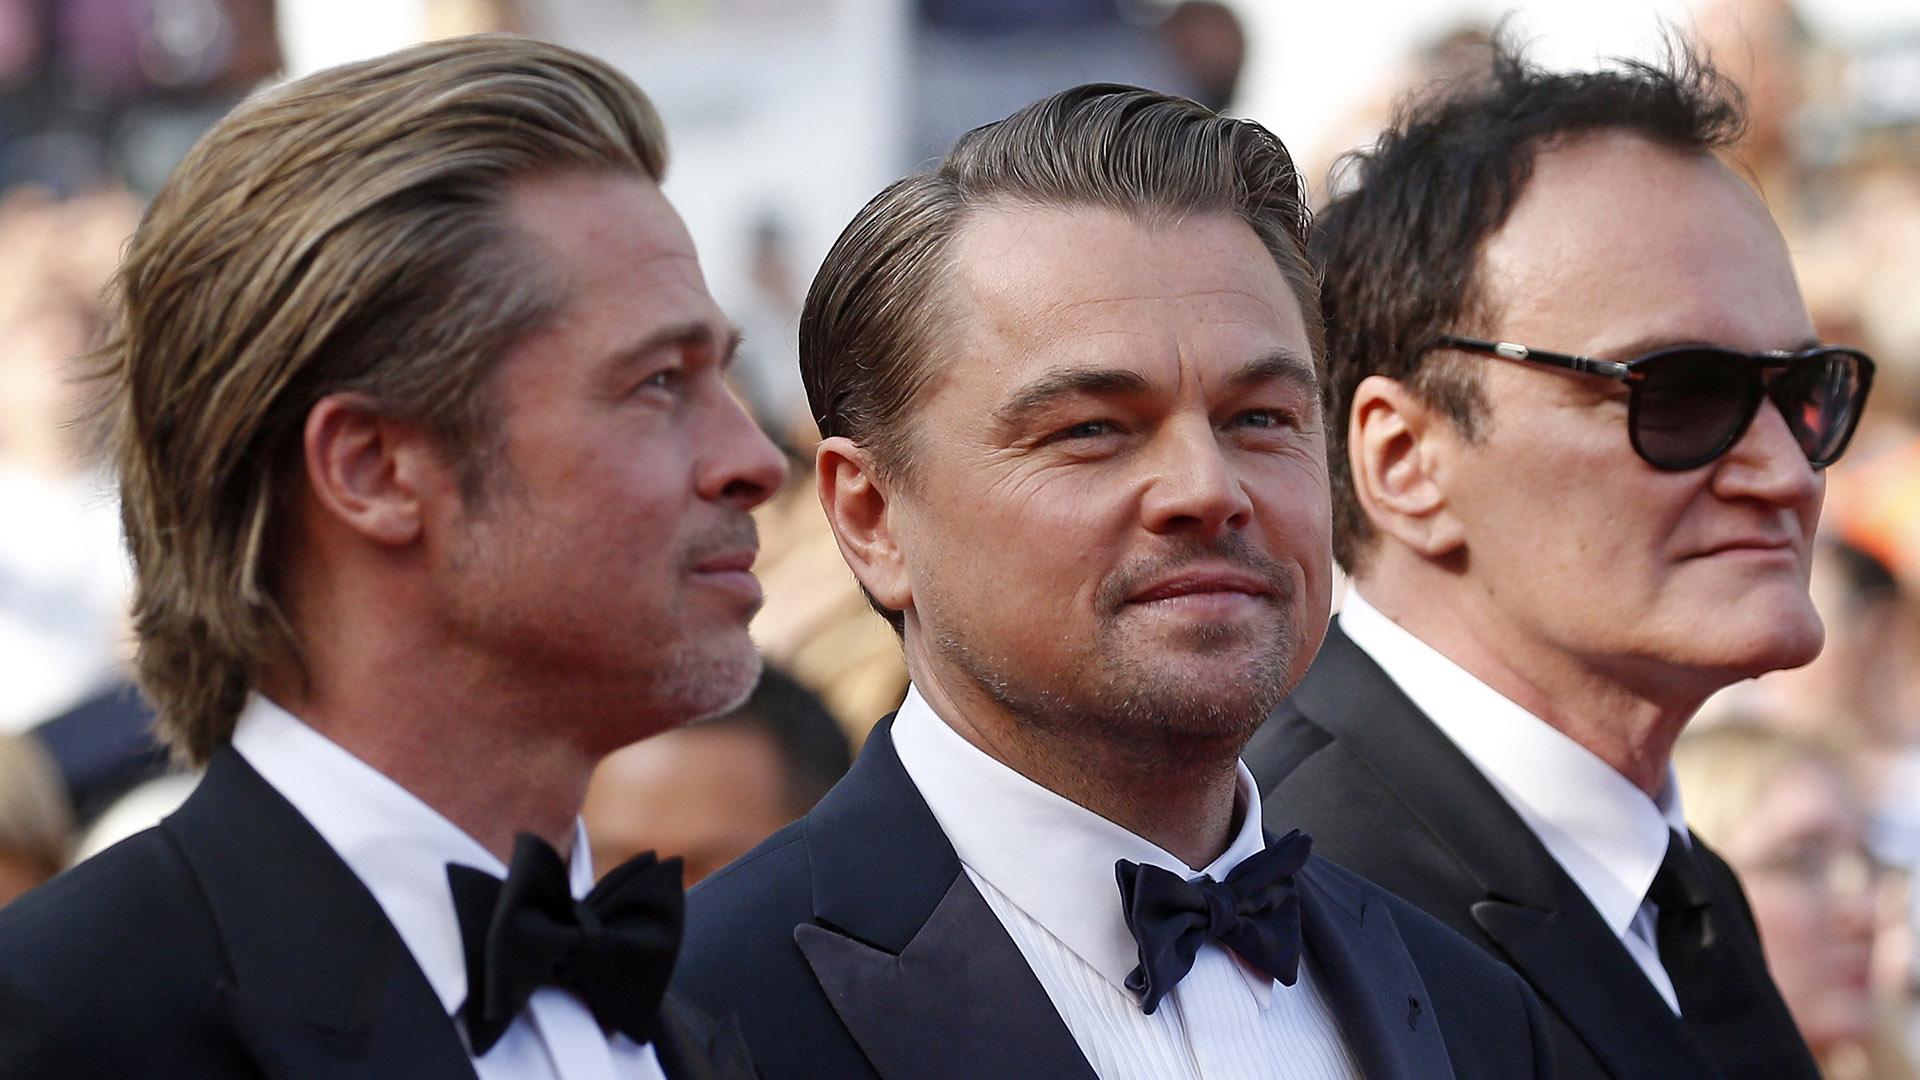 """Brad Pitt, Leonardo DiCaprio y Quentin Tarantino en la alfombra roja de Cannes. La novena película del realizador de """"Pulp Fiction"""" compite por la Palma de Oro"""